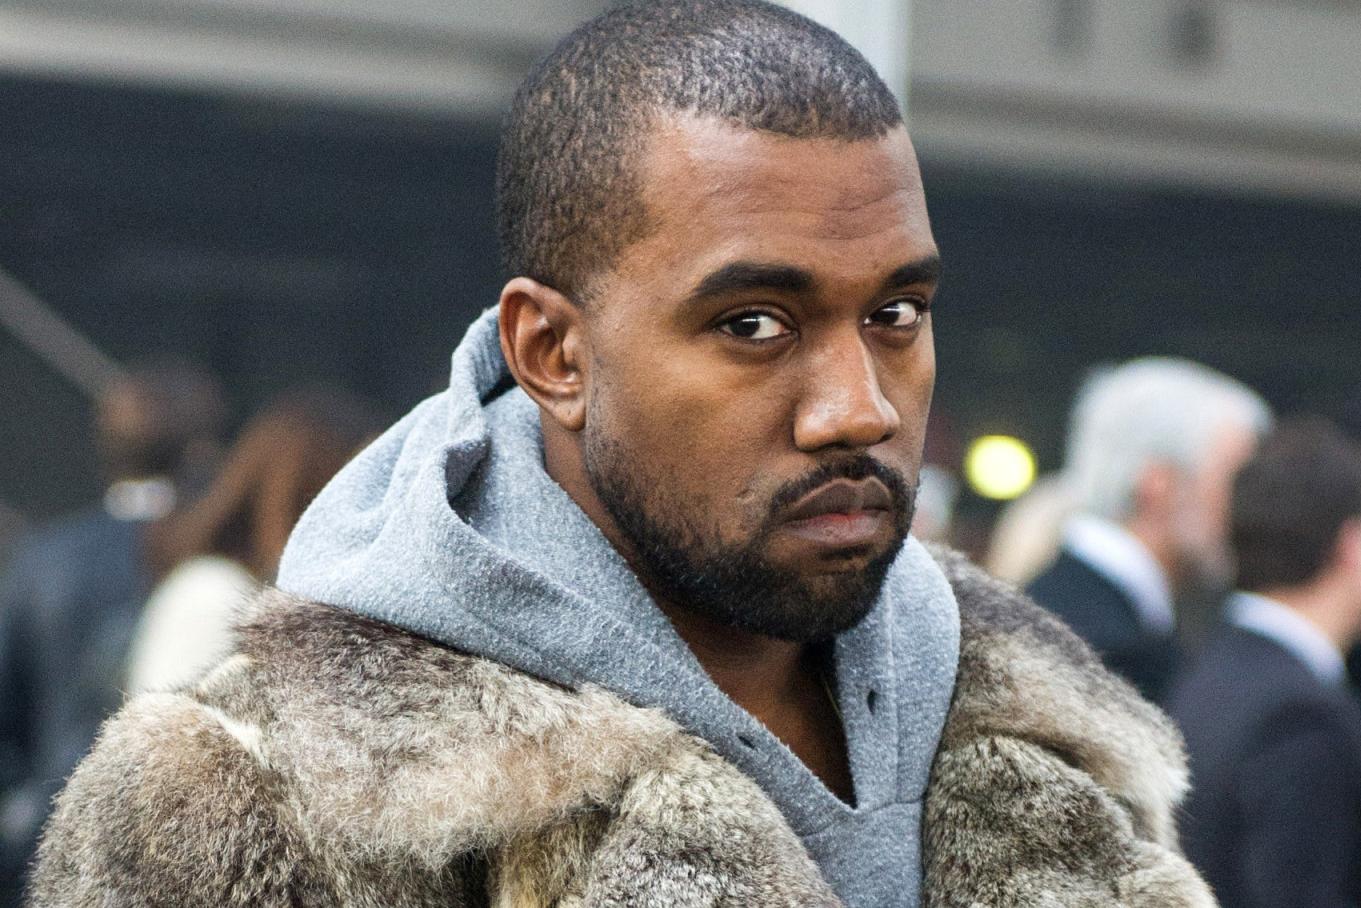 kanye west fake fashion industry twitter rant